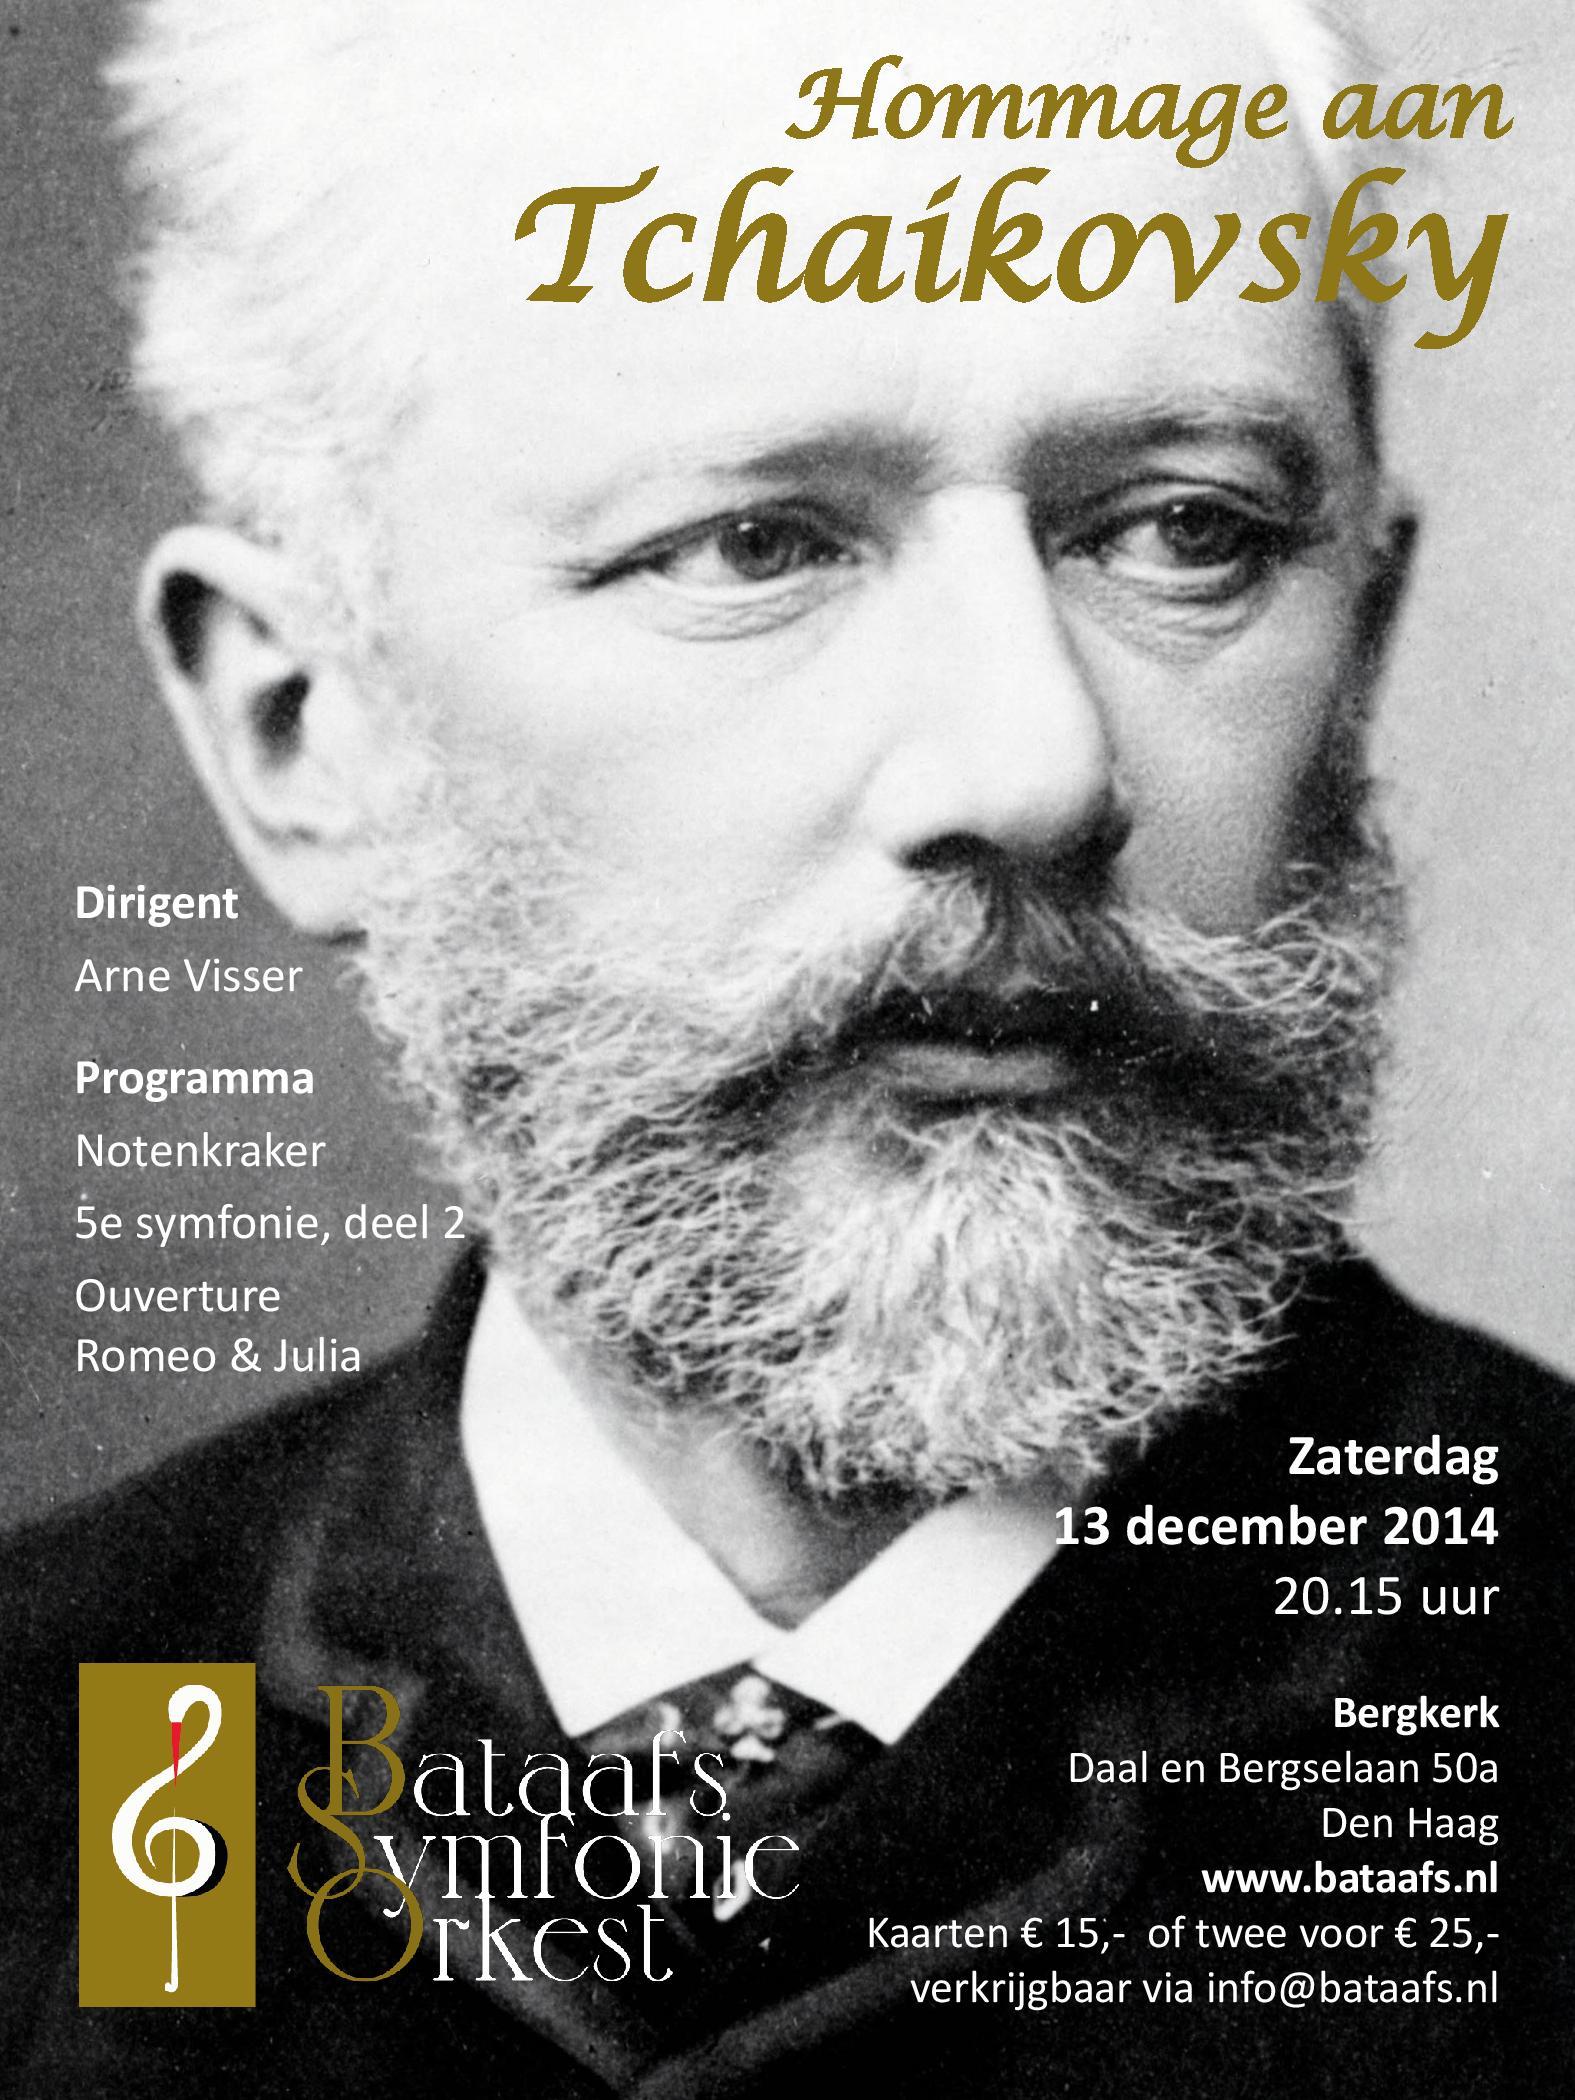 FlyerTchaikovsky1312014